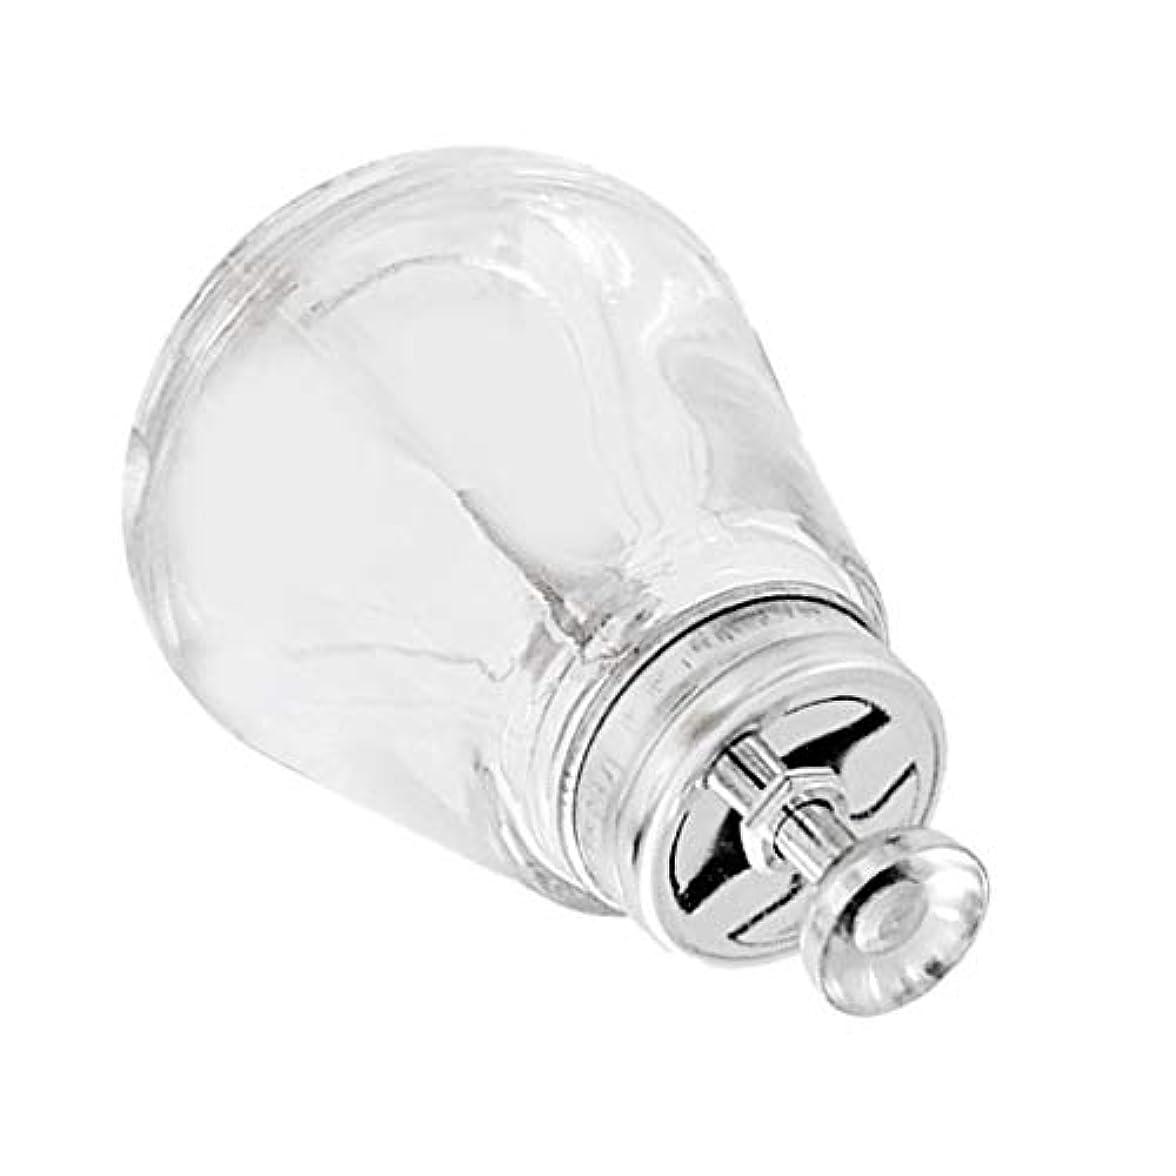 いま行方不明維持DYNWAVE アルコールポンプボトル ネイルアートツールボトル ネイルケア用品 マニキュアリムーツール